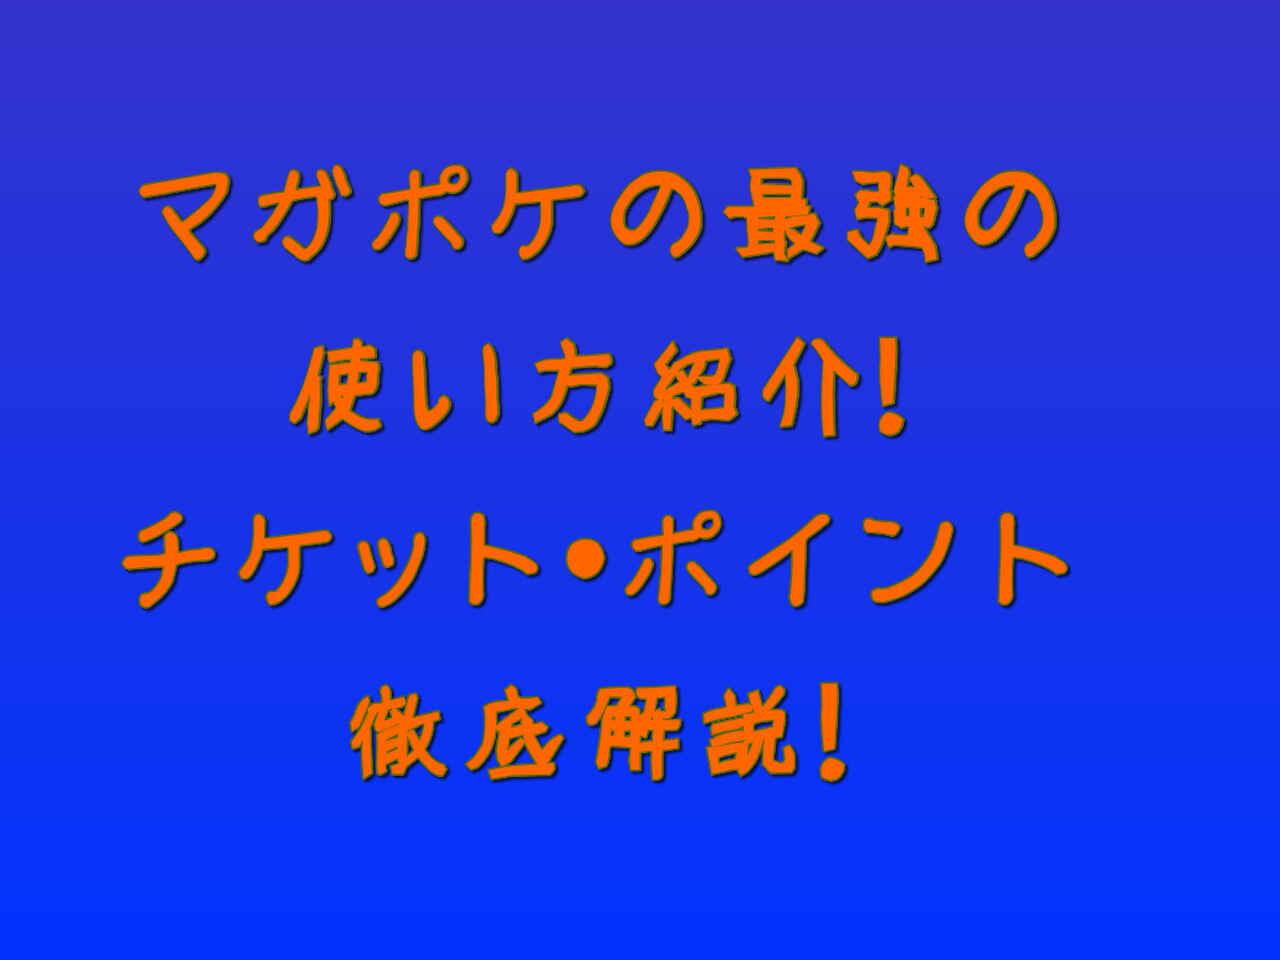 マガポケの最強の使い方紹介!チケット・ポイント徹底解説!